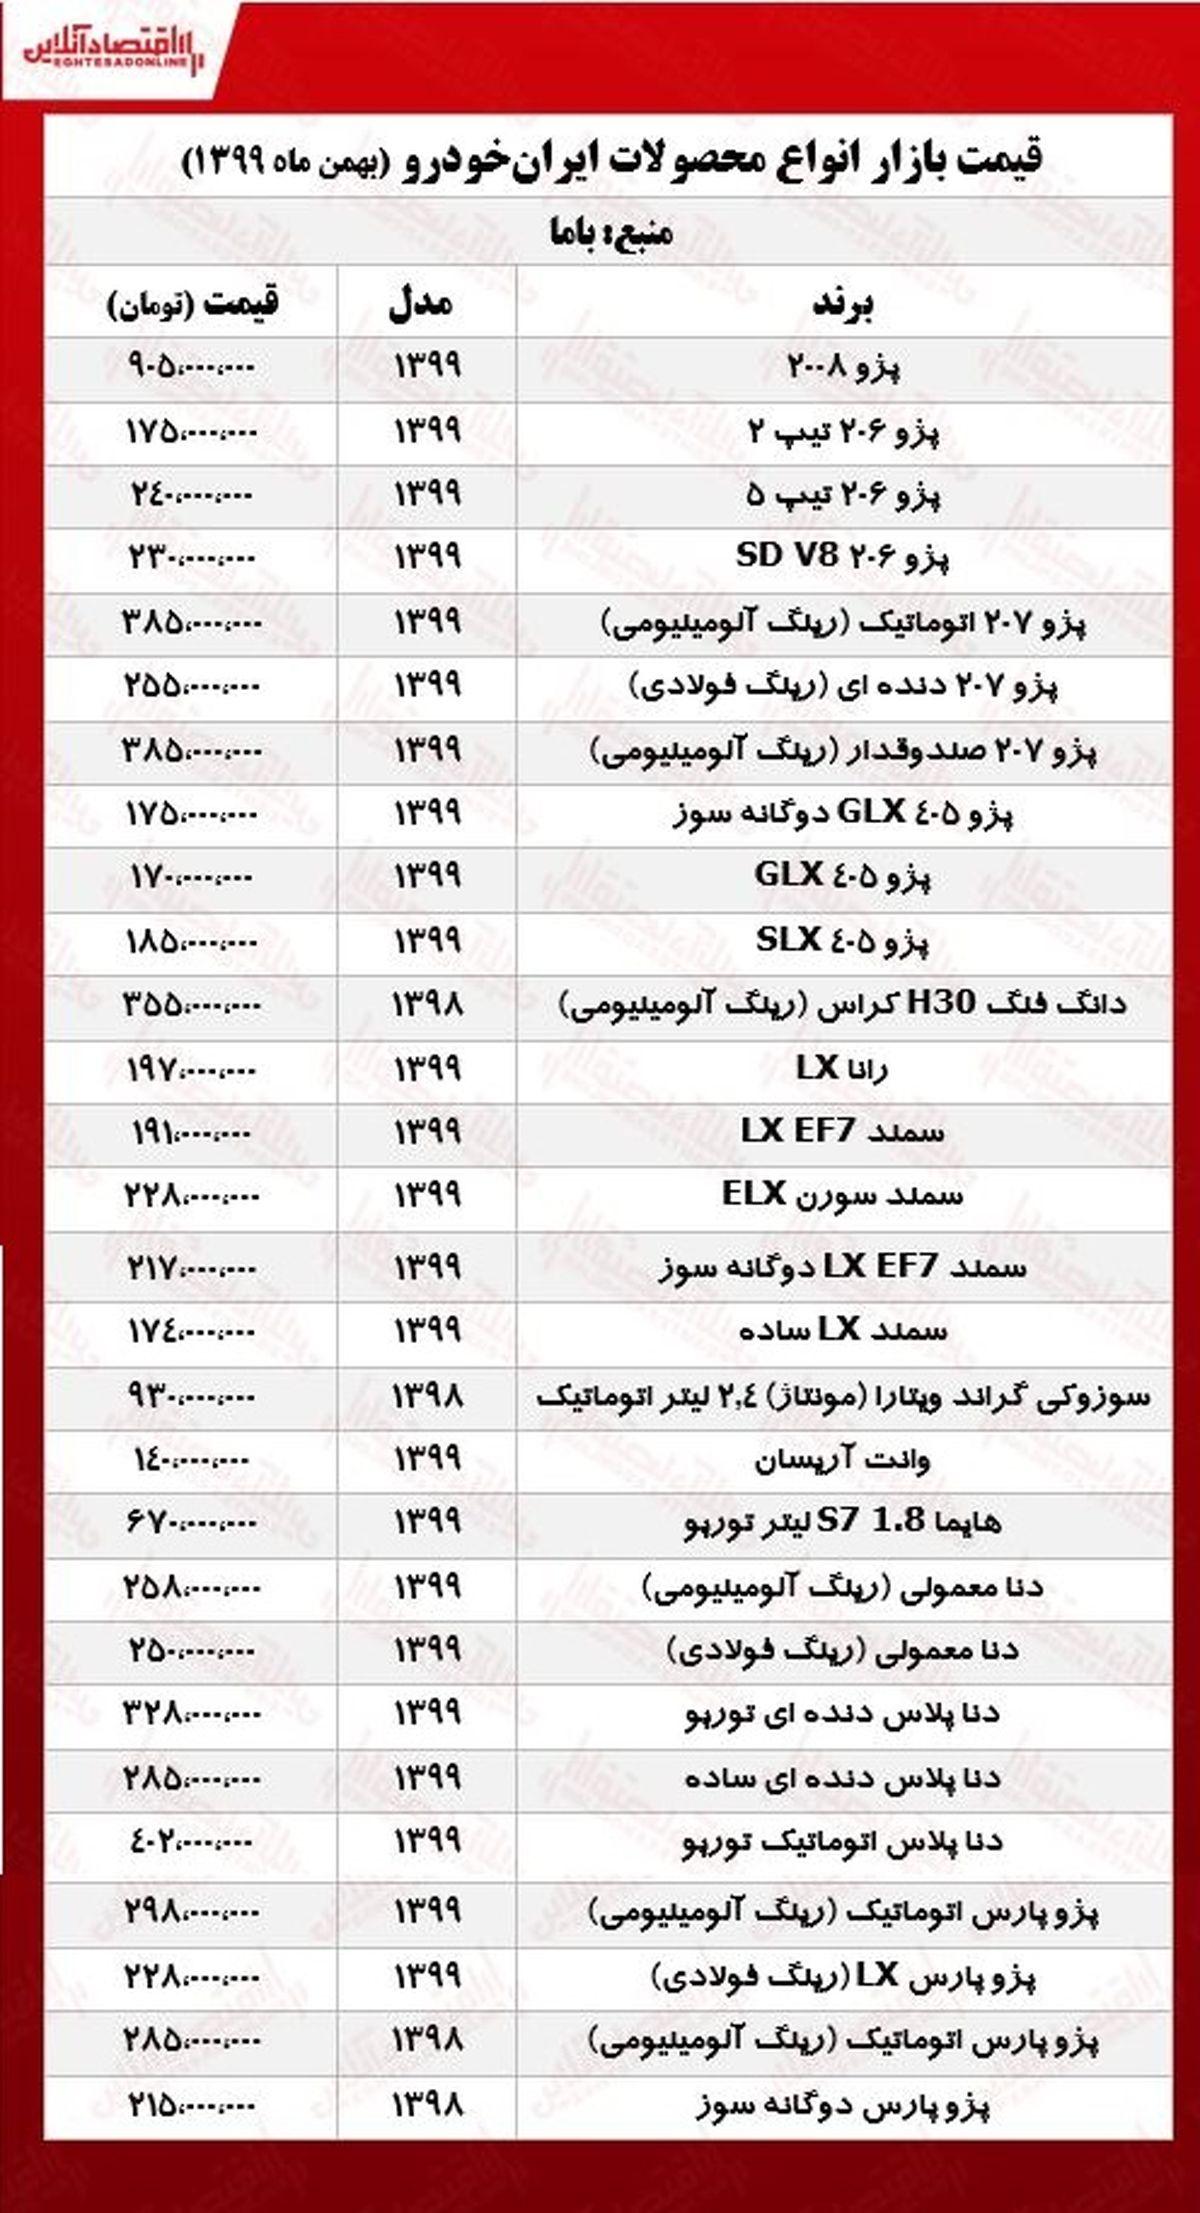 قیمت محصولات ایران خودرو امروز ۹۹/۱۱/۹